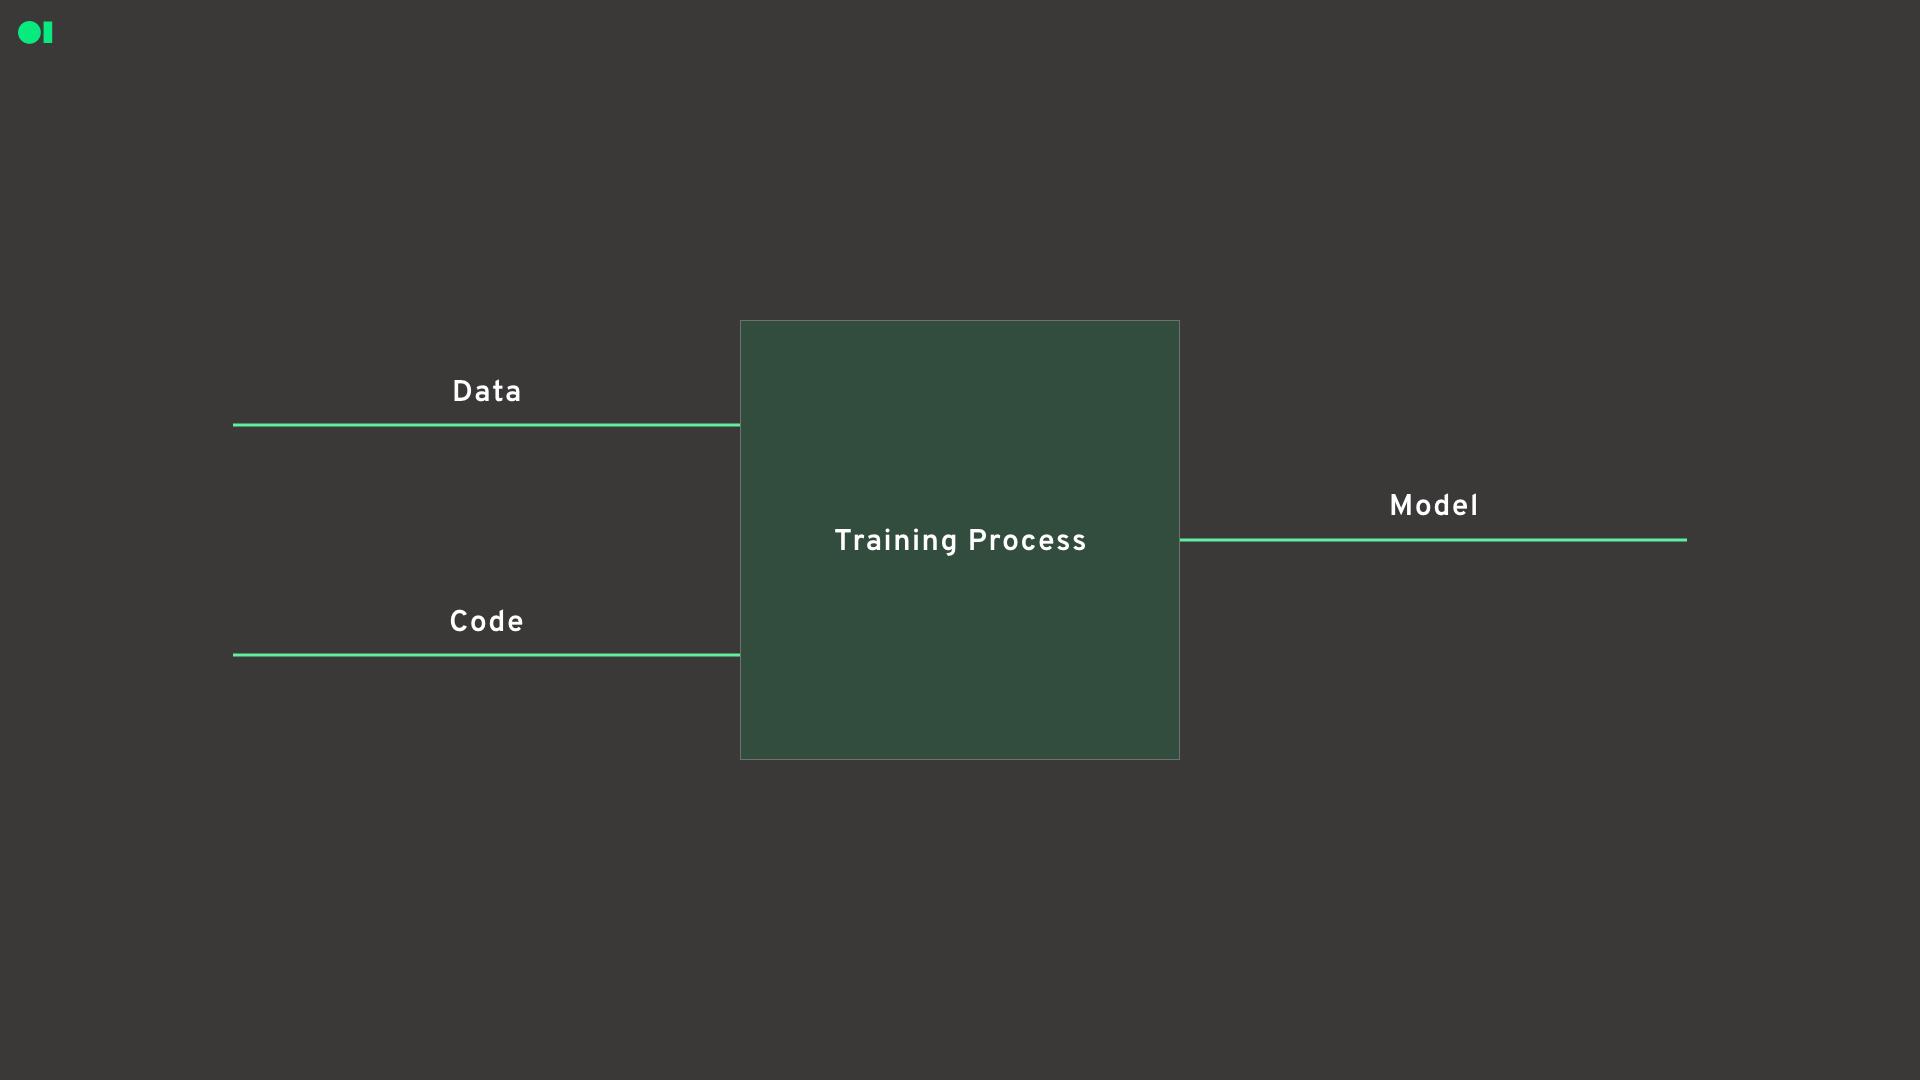 An ML model